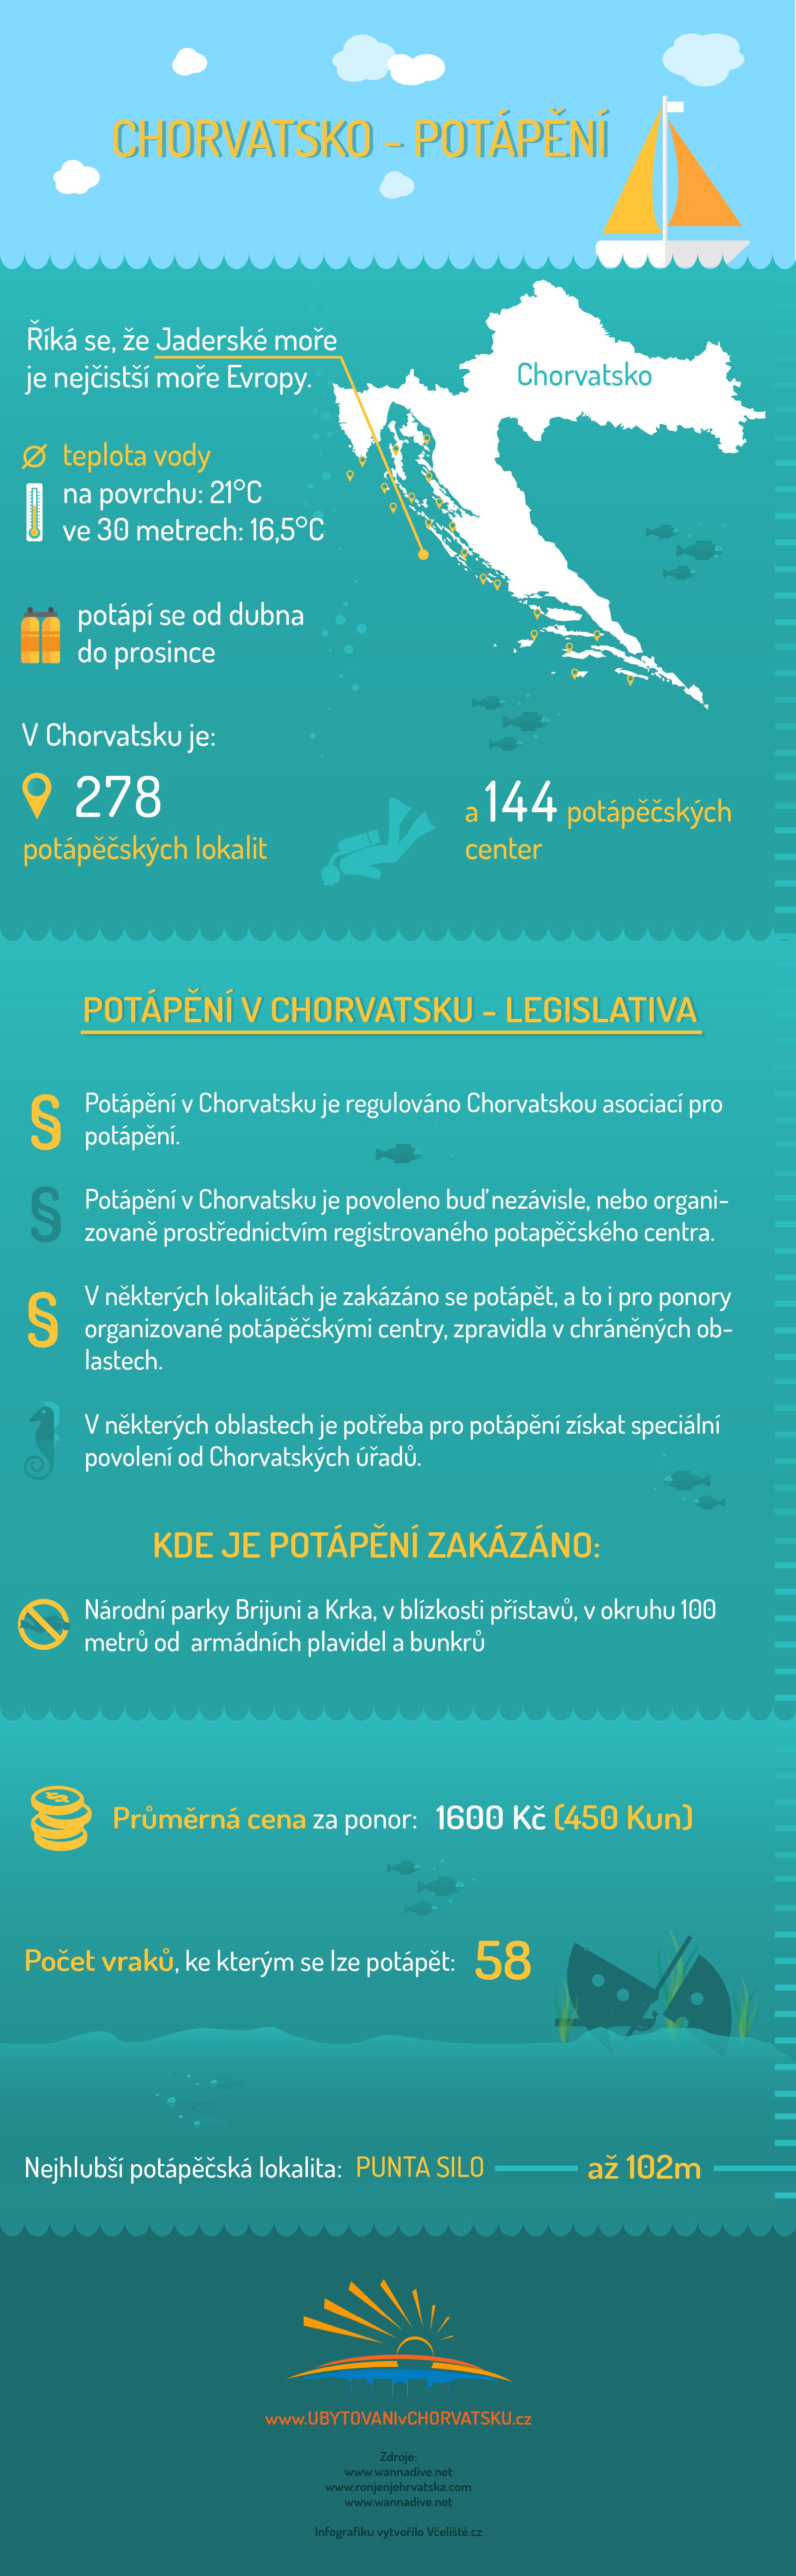 Infografika Potapeni